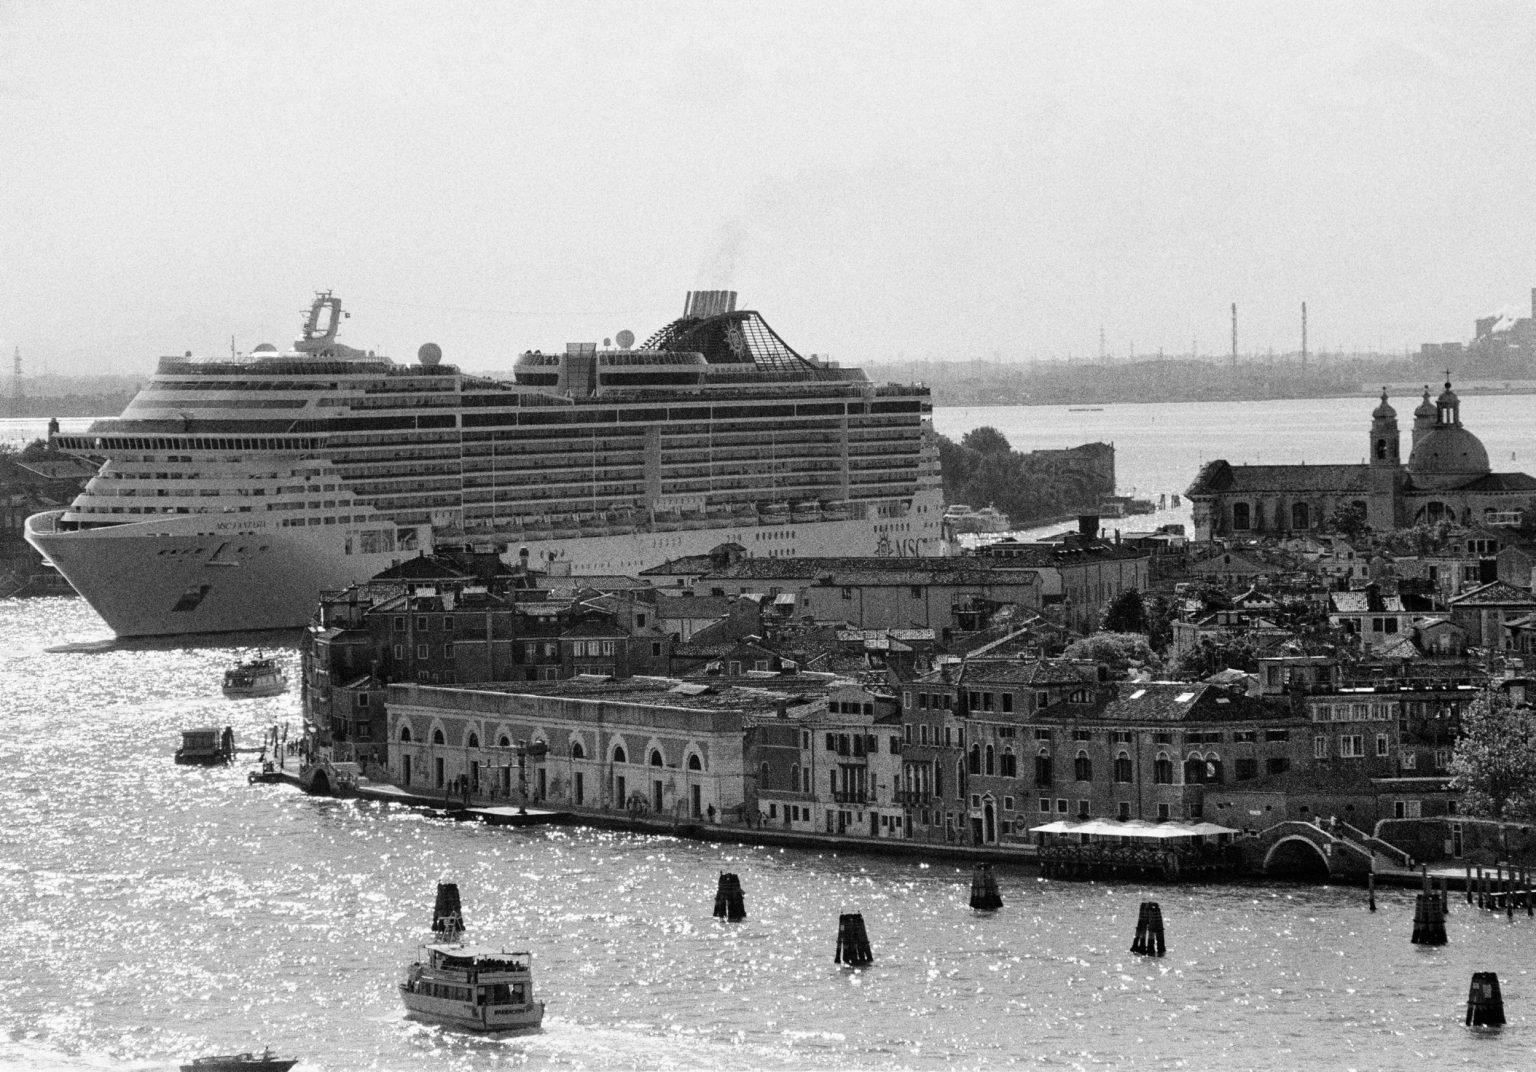 """Venice, August 2013 - Big cruise liners invade the city - MSC Fantasia cruise ship passing by the old town ><  Venezia, agosto 2013 - Le grandi navi da crociera invadono la città - La MSC Fantasia passa davanti al centro storico<p><span style=""""color: #ff0000""""><strong>*** SPECIAL   FEE   APPLIES ***</strong></span></p>*** SPECIAL   FEE   APPLIES *** *** Local Caption *** 00527935"""